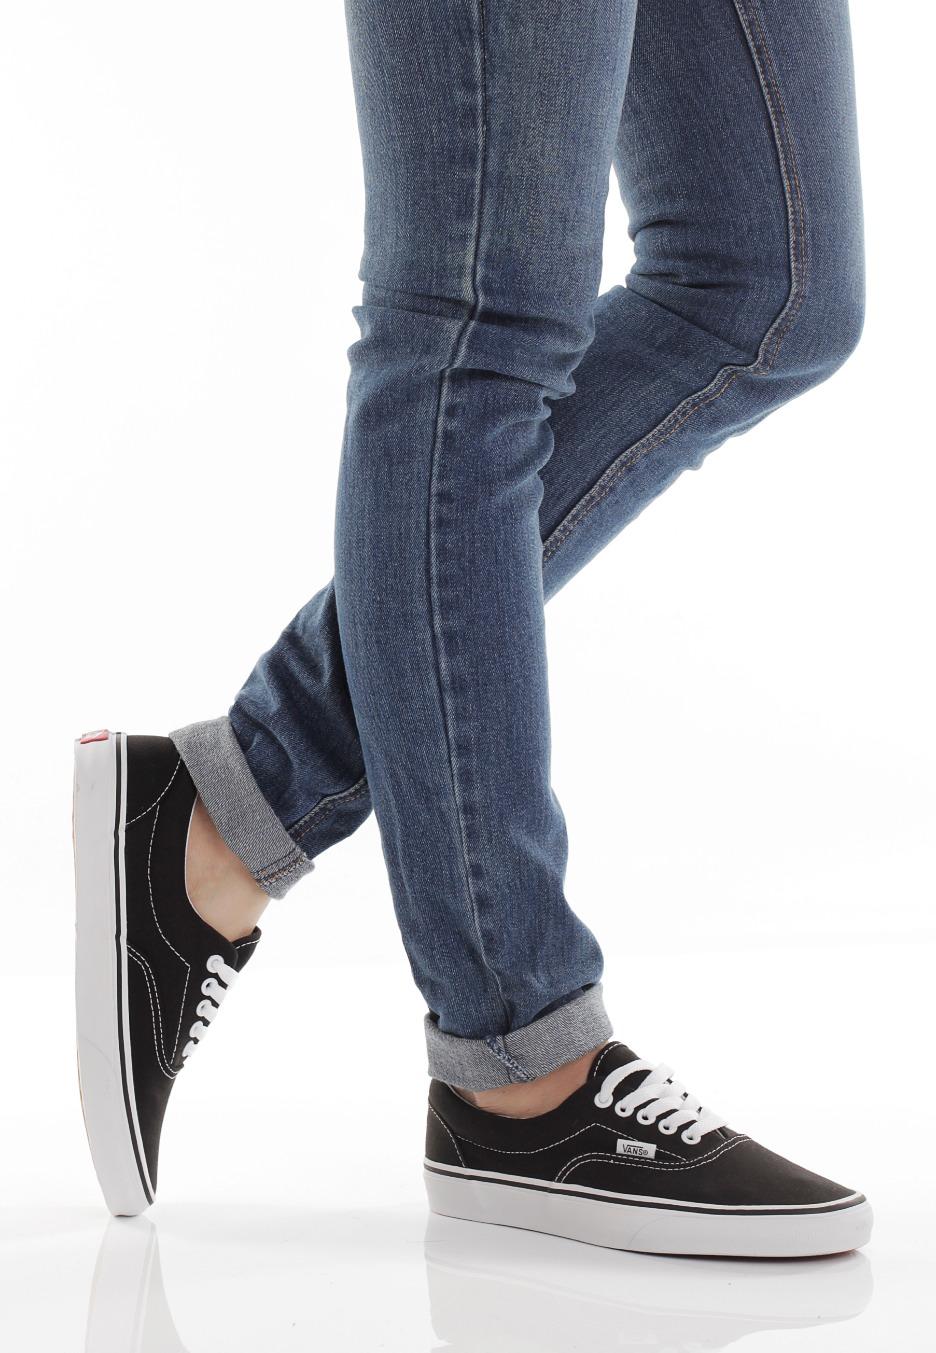 Vans - Era Black/White - Girl Shoes